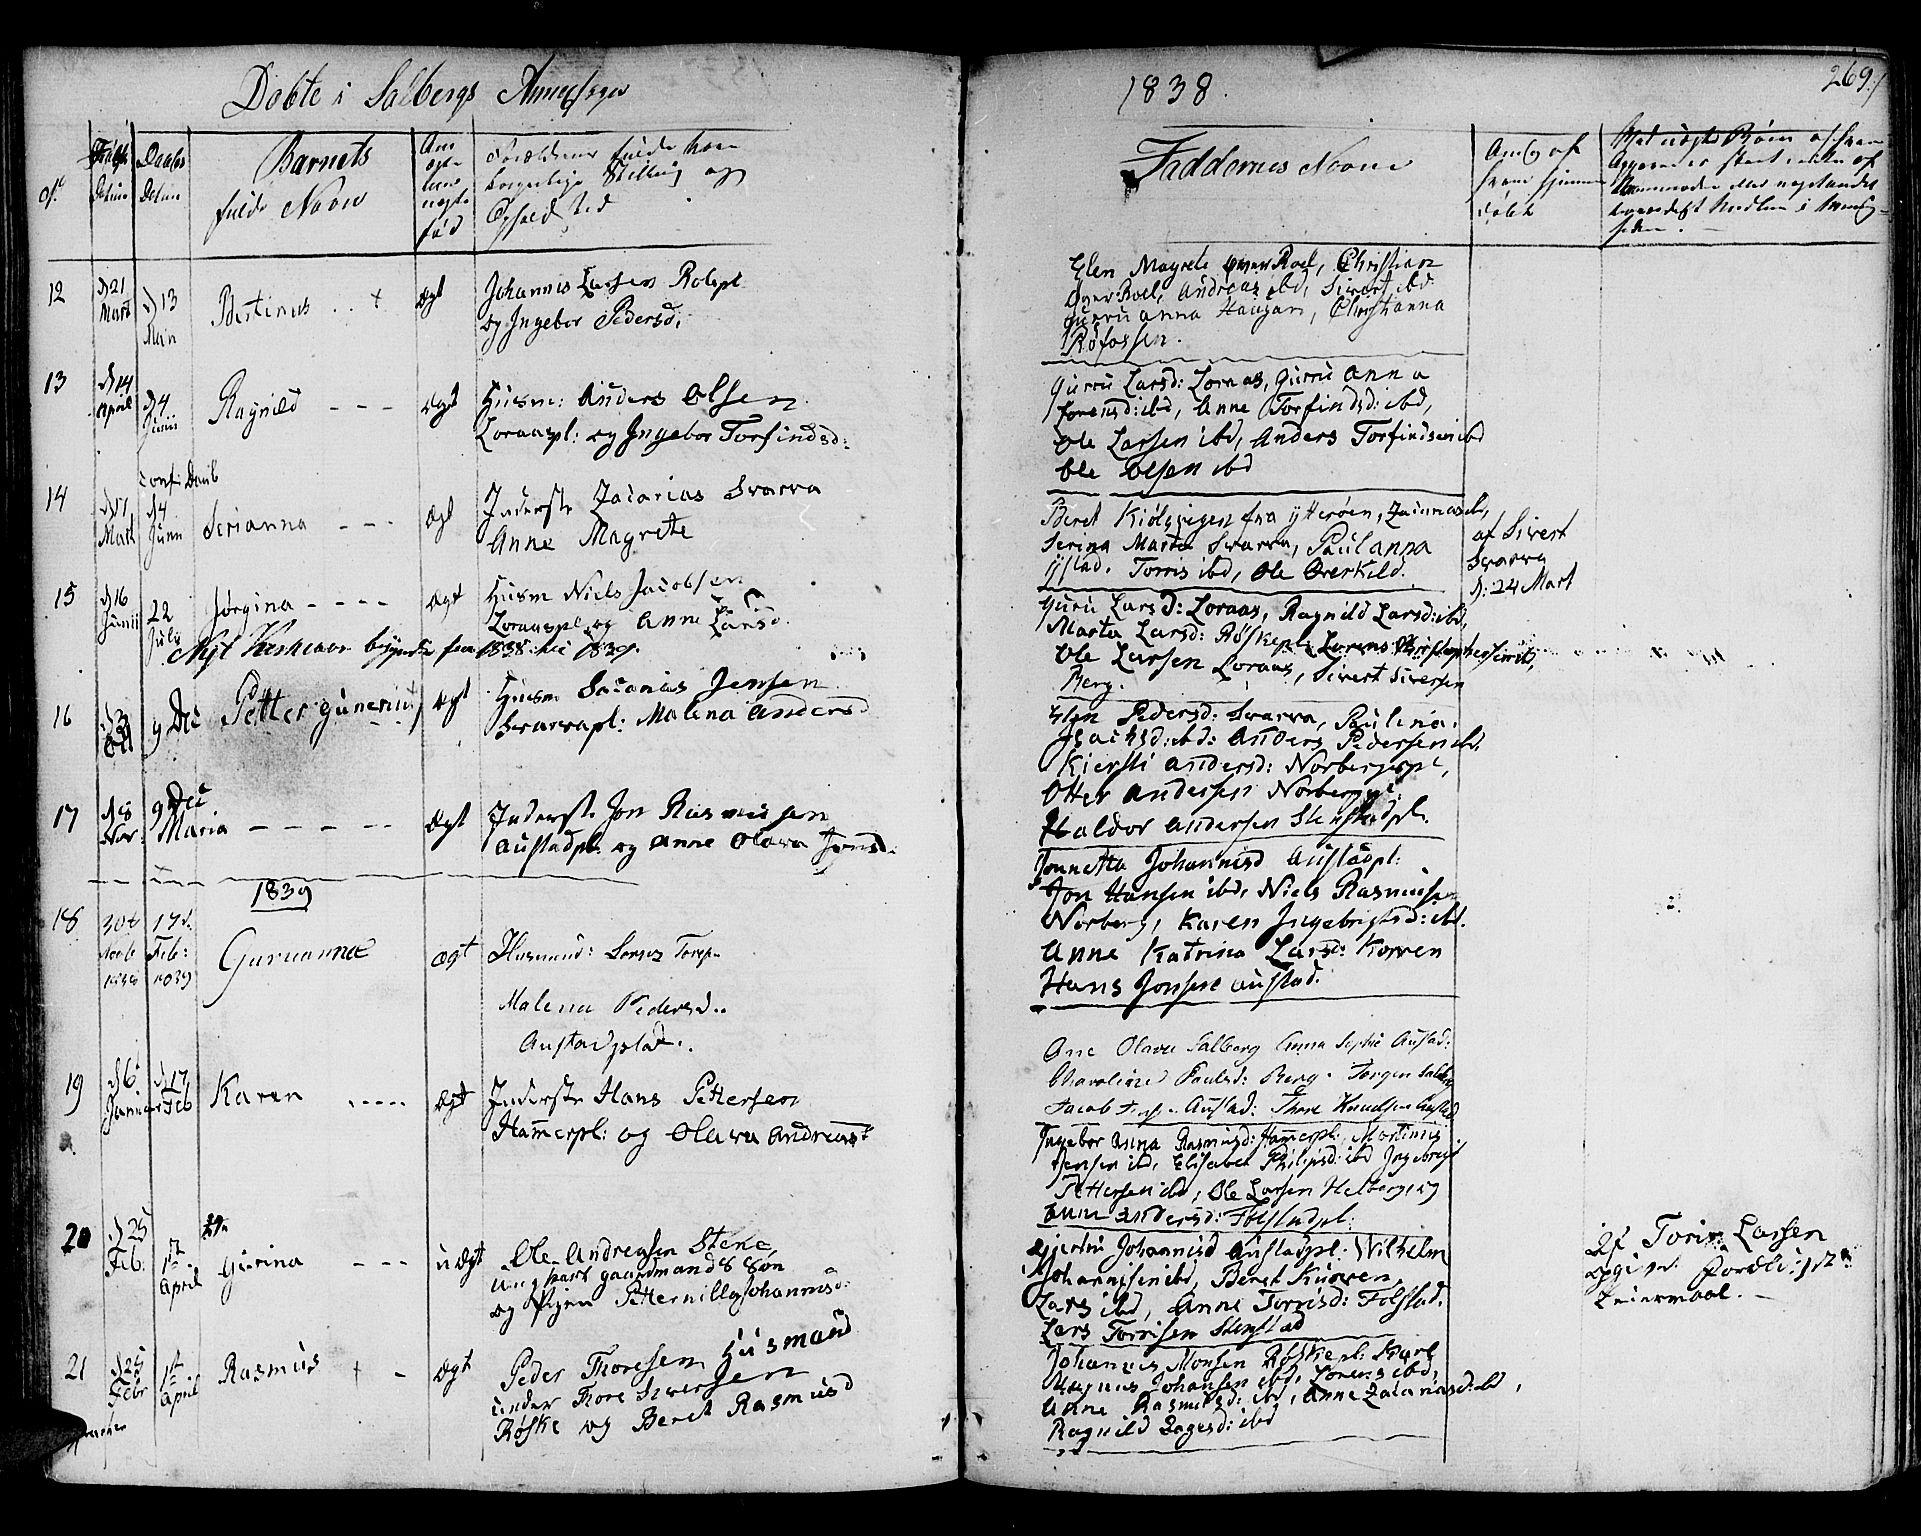 SAT, Ministerialprotokoller, klokkerbøker og fødselsregistre - Nord-Trøndelag, 730/L0277: Ministerialbok nr. 730A06 /2, 1831-1839, s. 269